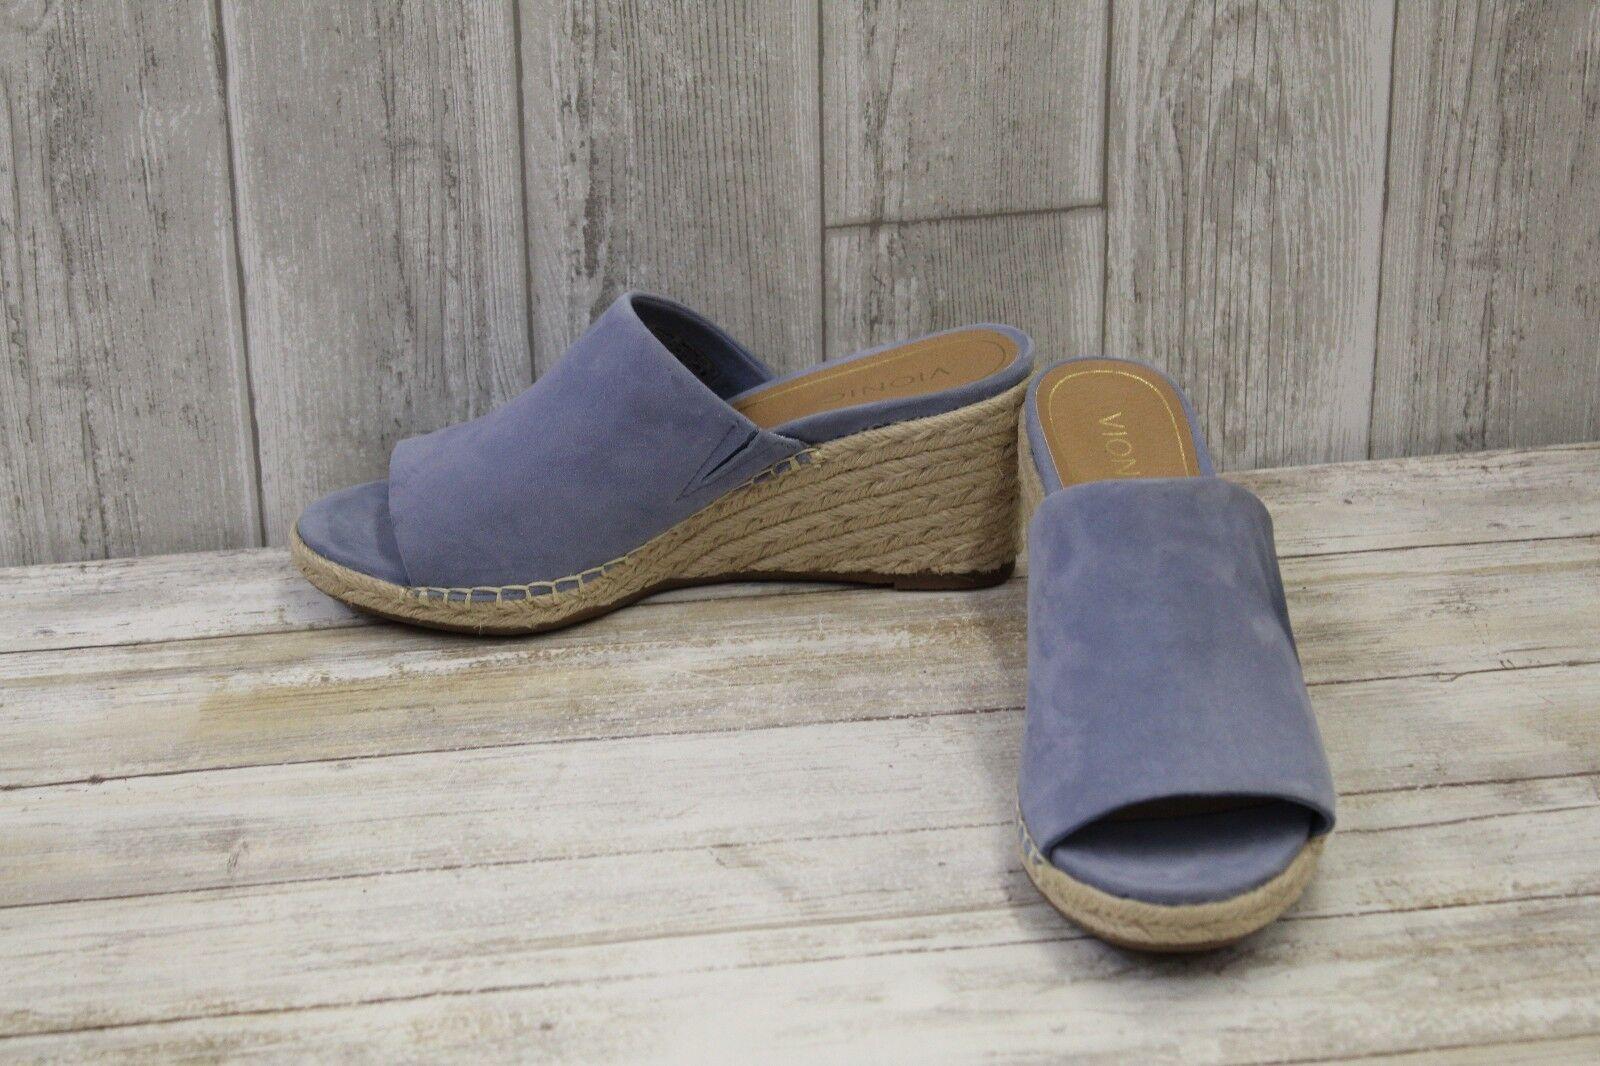 41e123c0f6e0 Vionic Kadyn Wedge Sandal - Women s Size 10 Blue for sale online